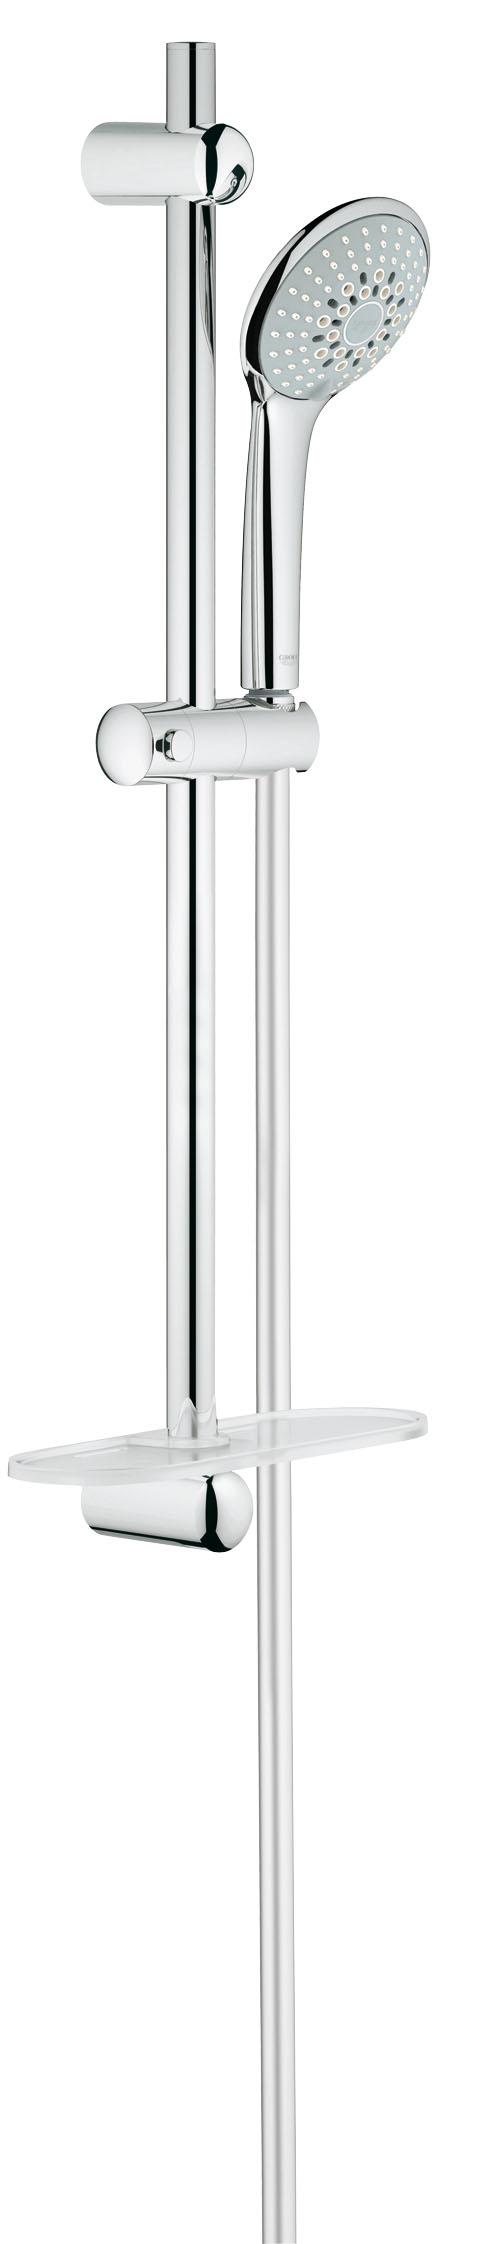 Душевой комплект GROHE Euphoria, штанга 600мм. (27232001)5284_зеленыйGROHE Euphoria 110 Champagne: стильный душевой гарнитур со штангой для роскошных душевых процедур В дополнение к режимам Rain и SmartRain, данный ручной душ из серии GROHE Euphoria также оснащен роскошным режимом струи Champagne, в котором воздух затягивается в душевую головку и смешивается с водой. При этом создается чрезвычайно расслабляющий и нежный поток воды, окутывающий Вас с головы до ног. Данный ручной душ комплектуется душевой штангой длиной 600 мм, а также запатентованной системой крепления QuickFix, которая позволяет быстро и легко осуществить монтаж, используя имеющиеся отверстия в стене или просверлив новые в межплиточных швах. Благодаря входящему в комплект шлангу TwistFree распутывание перекрученных душевых шлангов останется для Вас в прошлом. Износостойкое покрытие GROHE StarLight чрезвычайно неприхотливо в уходе. В комплект входит еще один удобный аксессуар – полочка GROHE EasyReach, с которой шампунь и гель для душа всегда будут под рукой.Особенности:Включает в себя: Ручной душ Champagne (27 222 000) Душевая штанга, 600 мм (27 499 000) GROHE QuickFix(регулируемое расстояние между настенными креплениями штанги позволяет использовать для монтажа уже имеющиеся отверстия в стене) Душевой шланг 1750 мм (28 388 000) Полочка GROHE EasyReach™(27 596 000) GROHE DreamSpray превосходный поток воды GROHE SprayDimmer GROHE StarLight хромированная поверхностьС системой SpeedClean против известковых отложений Внутренний охлаждающий канал для продолжительного срока службы Twistfree против перекручивания шлангаВидео по установке является исключительно информационным. Установка должна проводиться профессионалами!